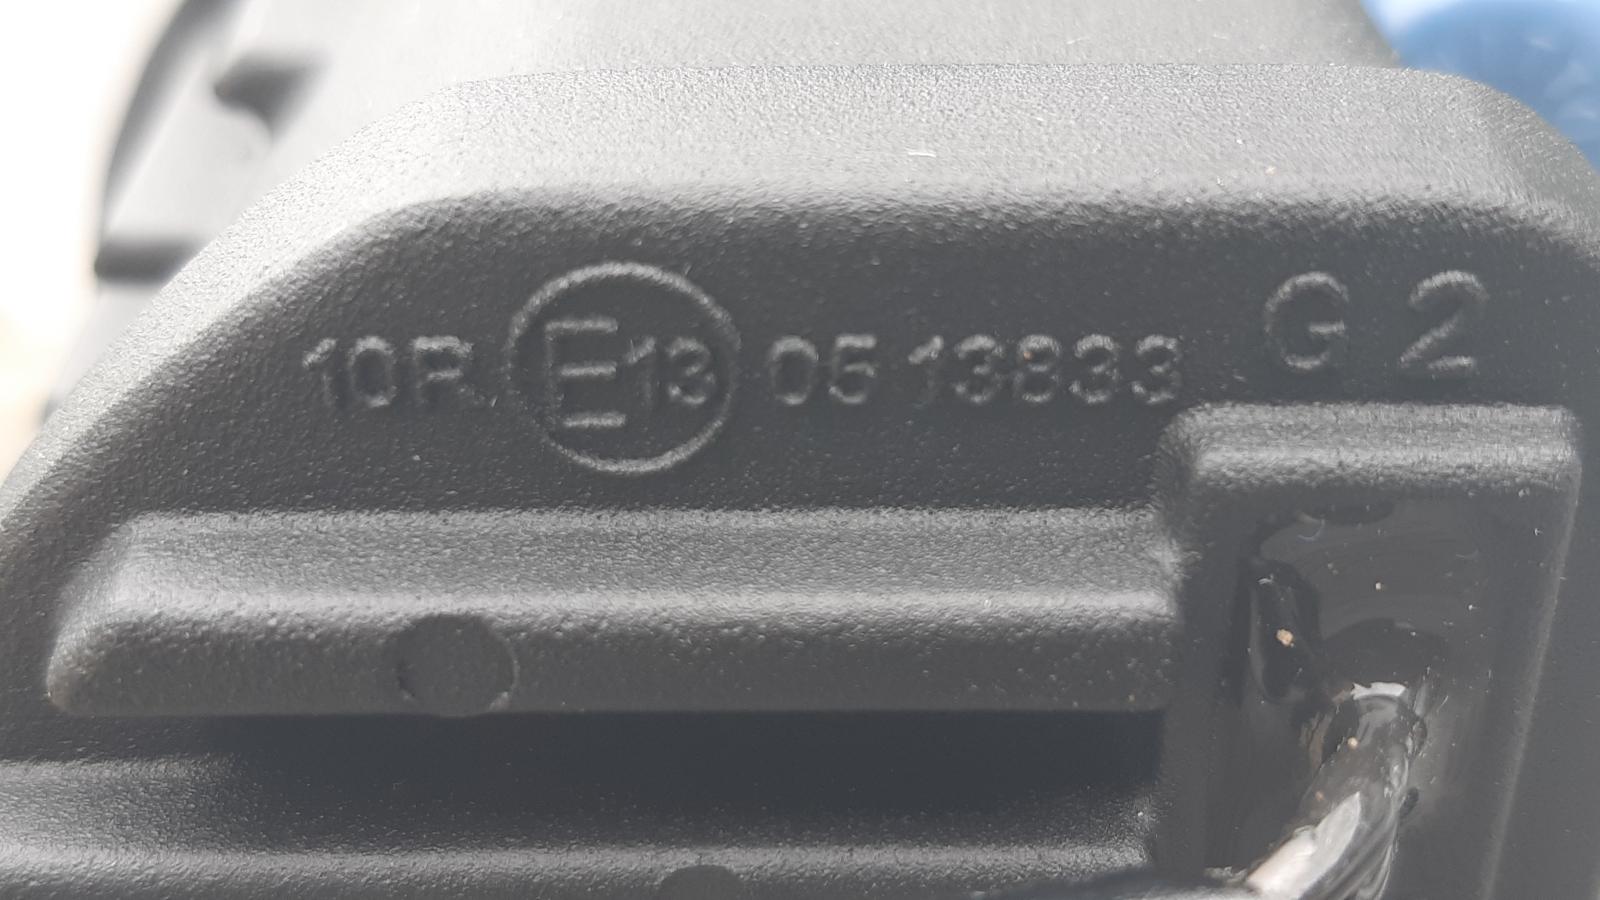 ECE R10-Kennzeichnung bei einem LED-Scheinwerfer.